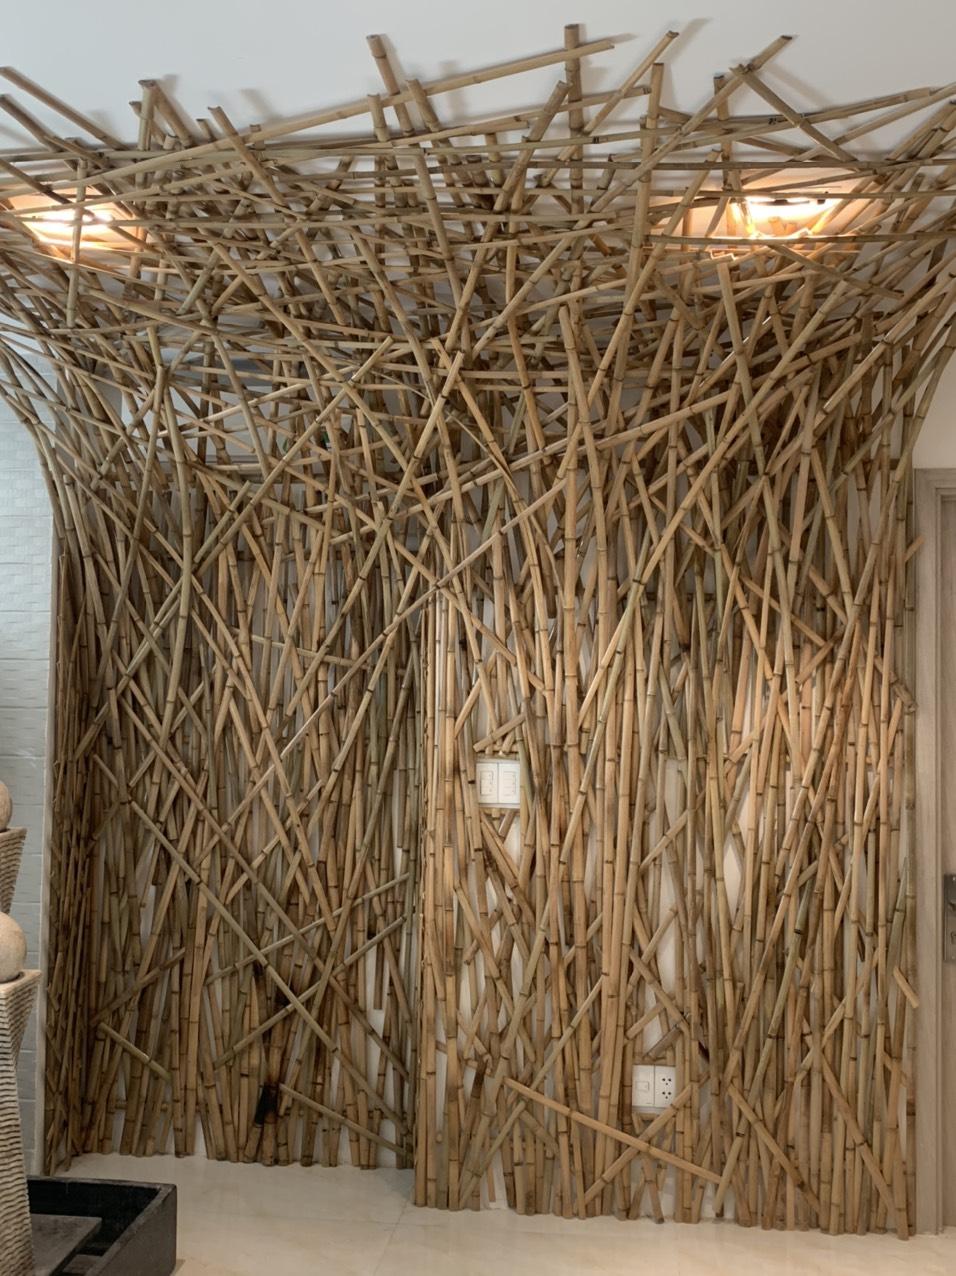 Ốp tường trang trí bằng tre trúc sáng tạo